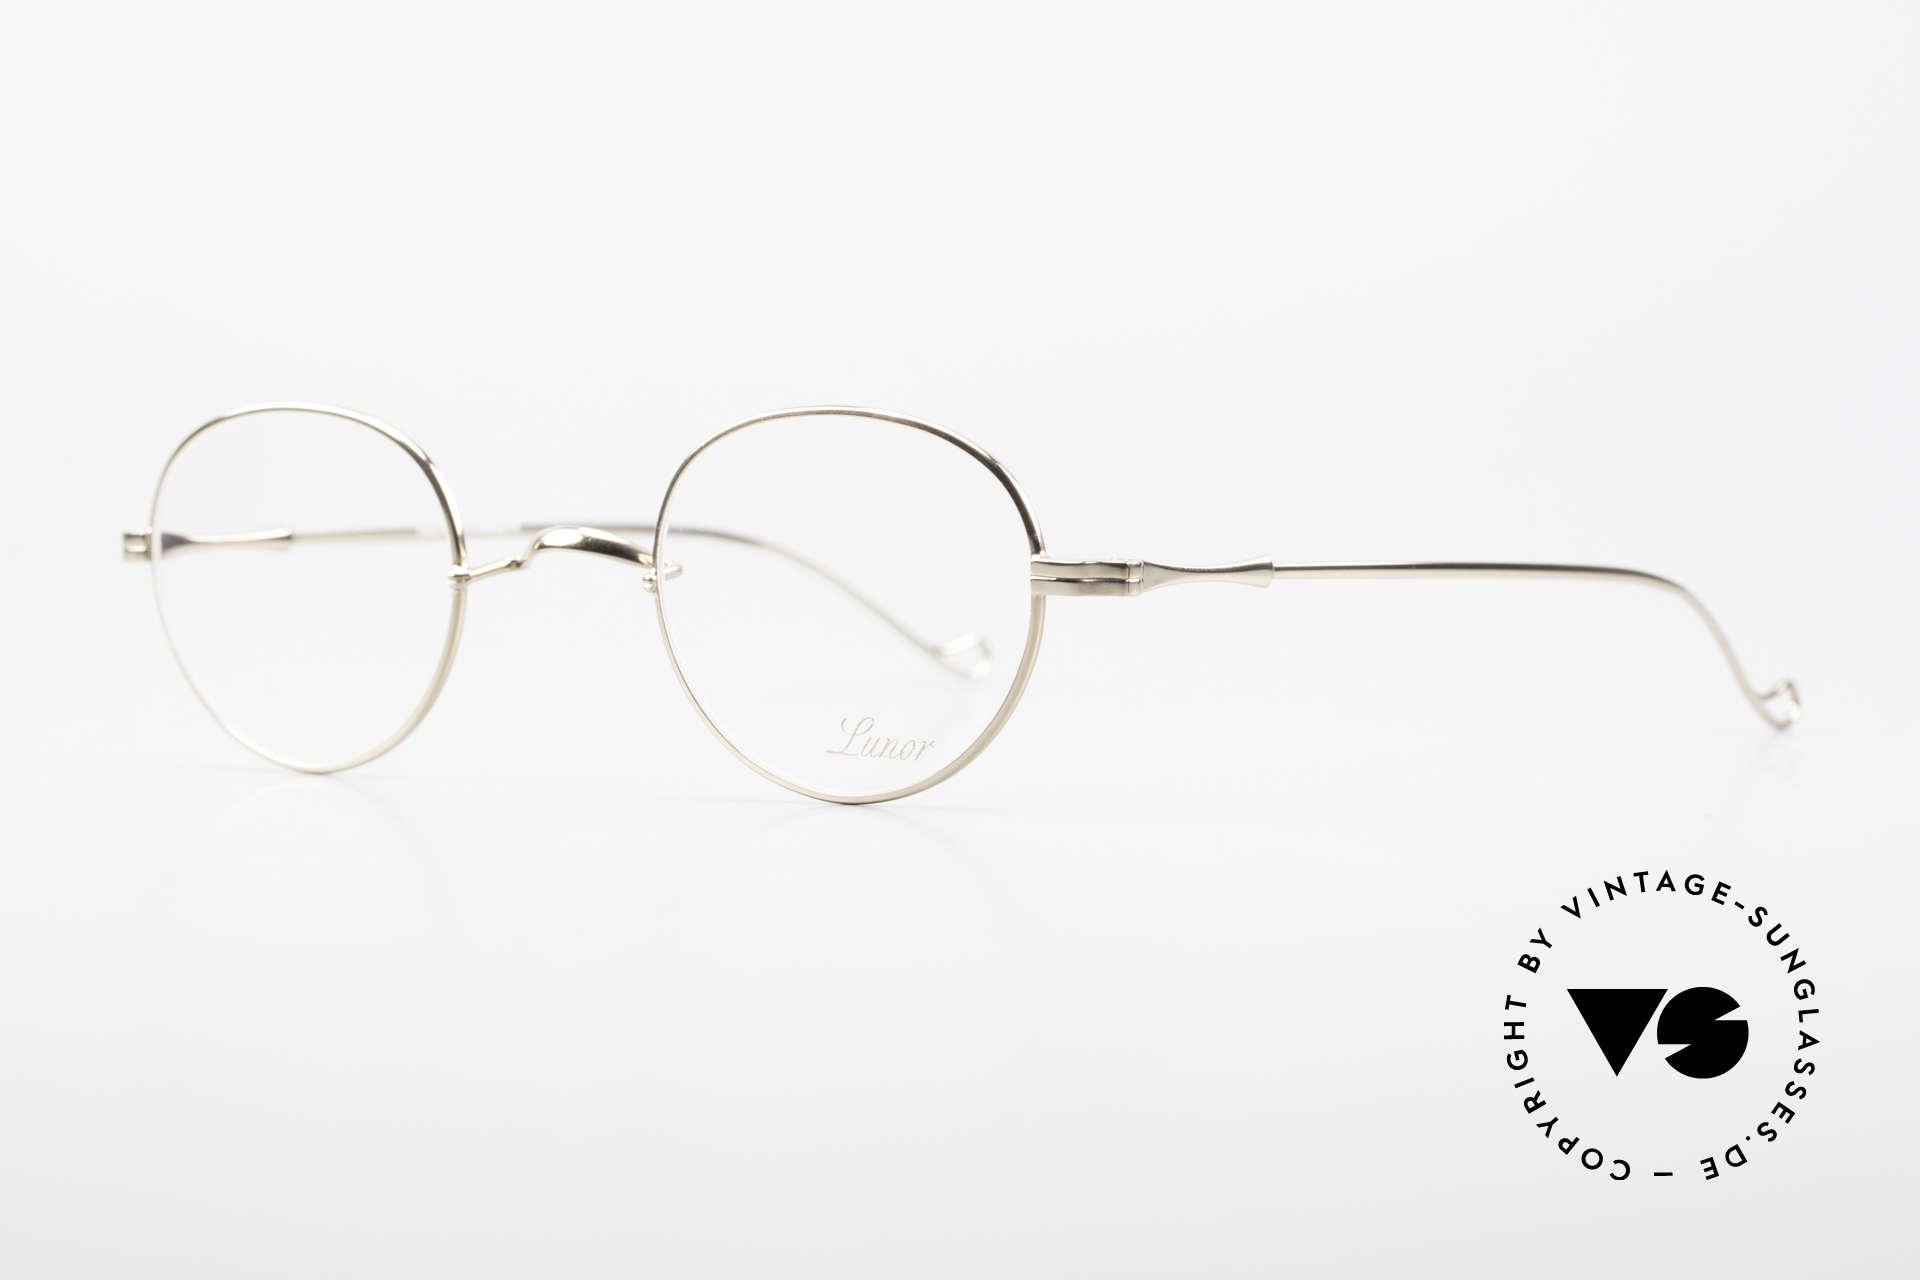 Lunor II 22 Lunor Brille Vergoldet Panto, sehr schlichte Form mit W-Steg; 22kt VERGOLDET!, Passend für Herren und Damen